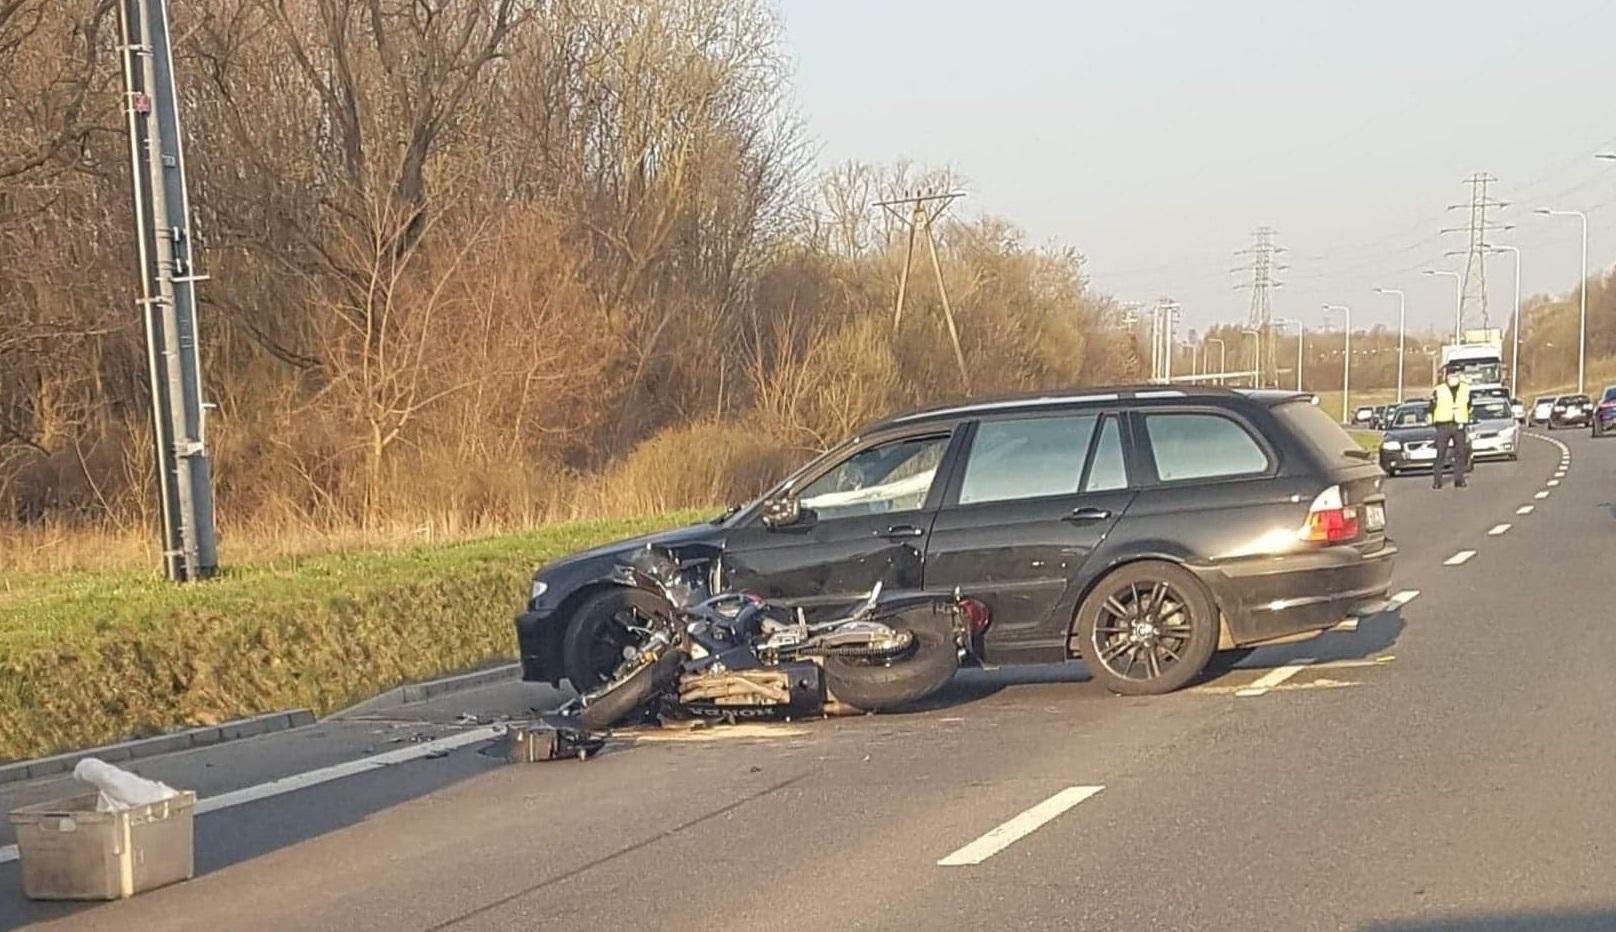 Wypadek na obwodnicy. Osobówka wjechała w motocykl - Zdjęcie główne